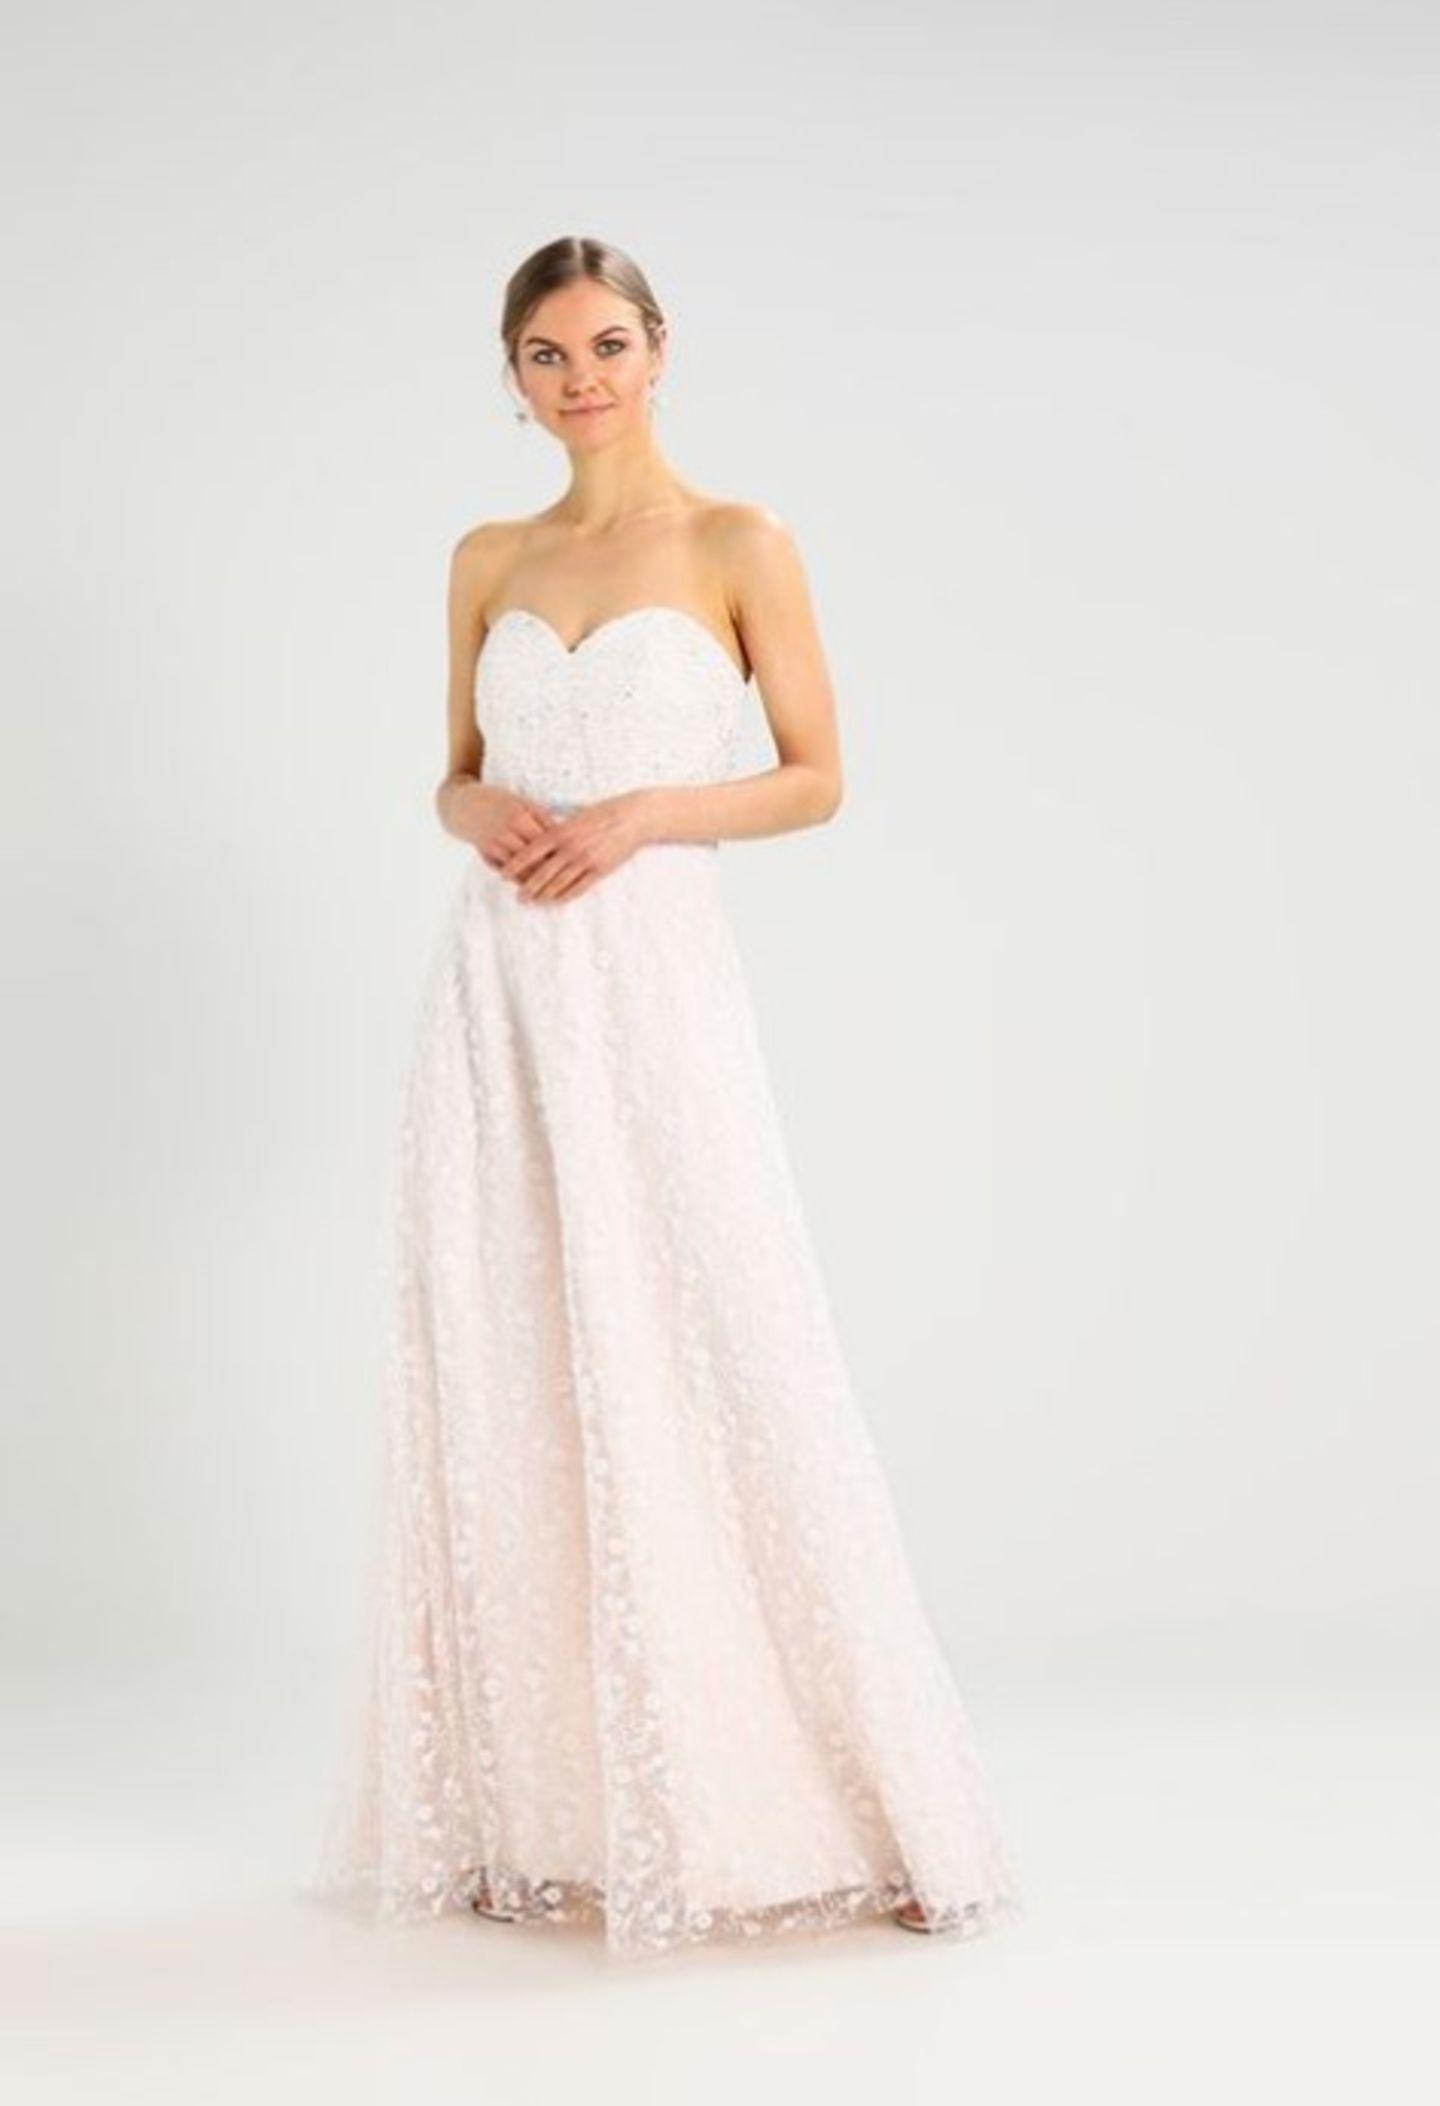 Günstige Brautkleide: Brautkleid in Rosa